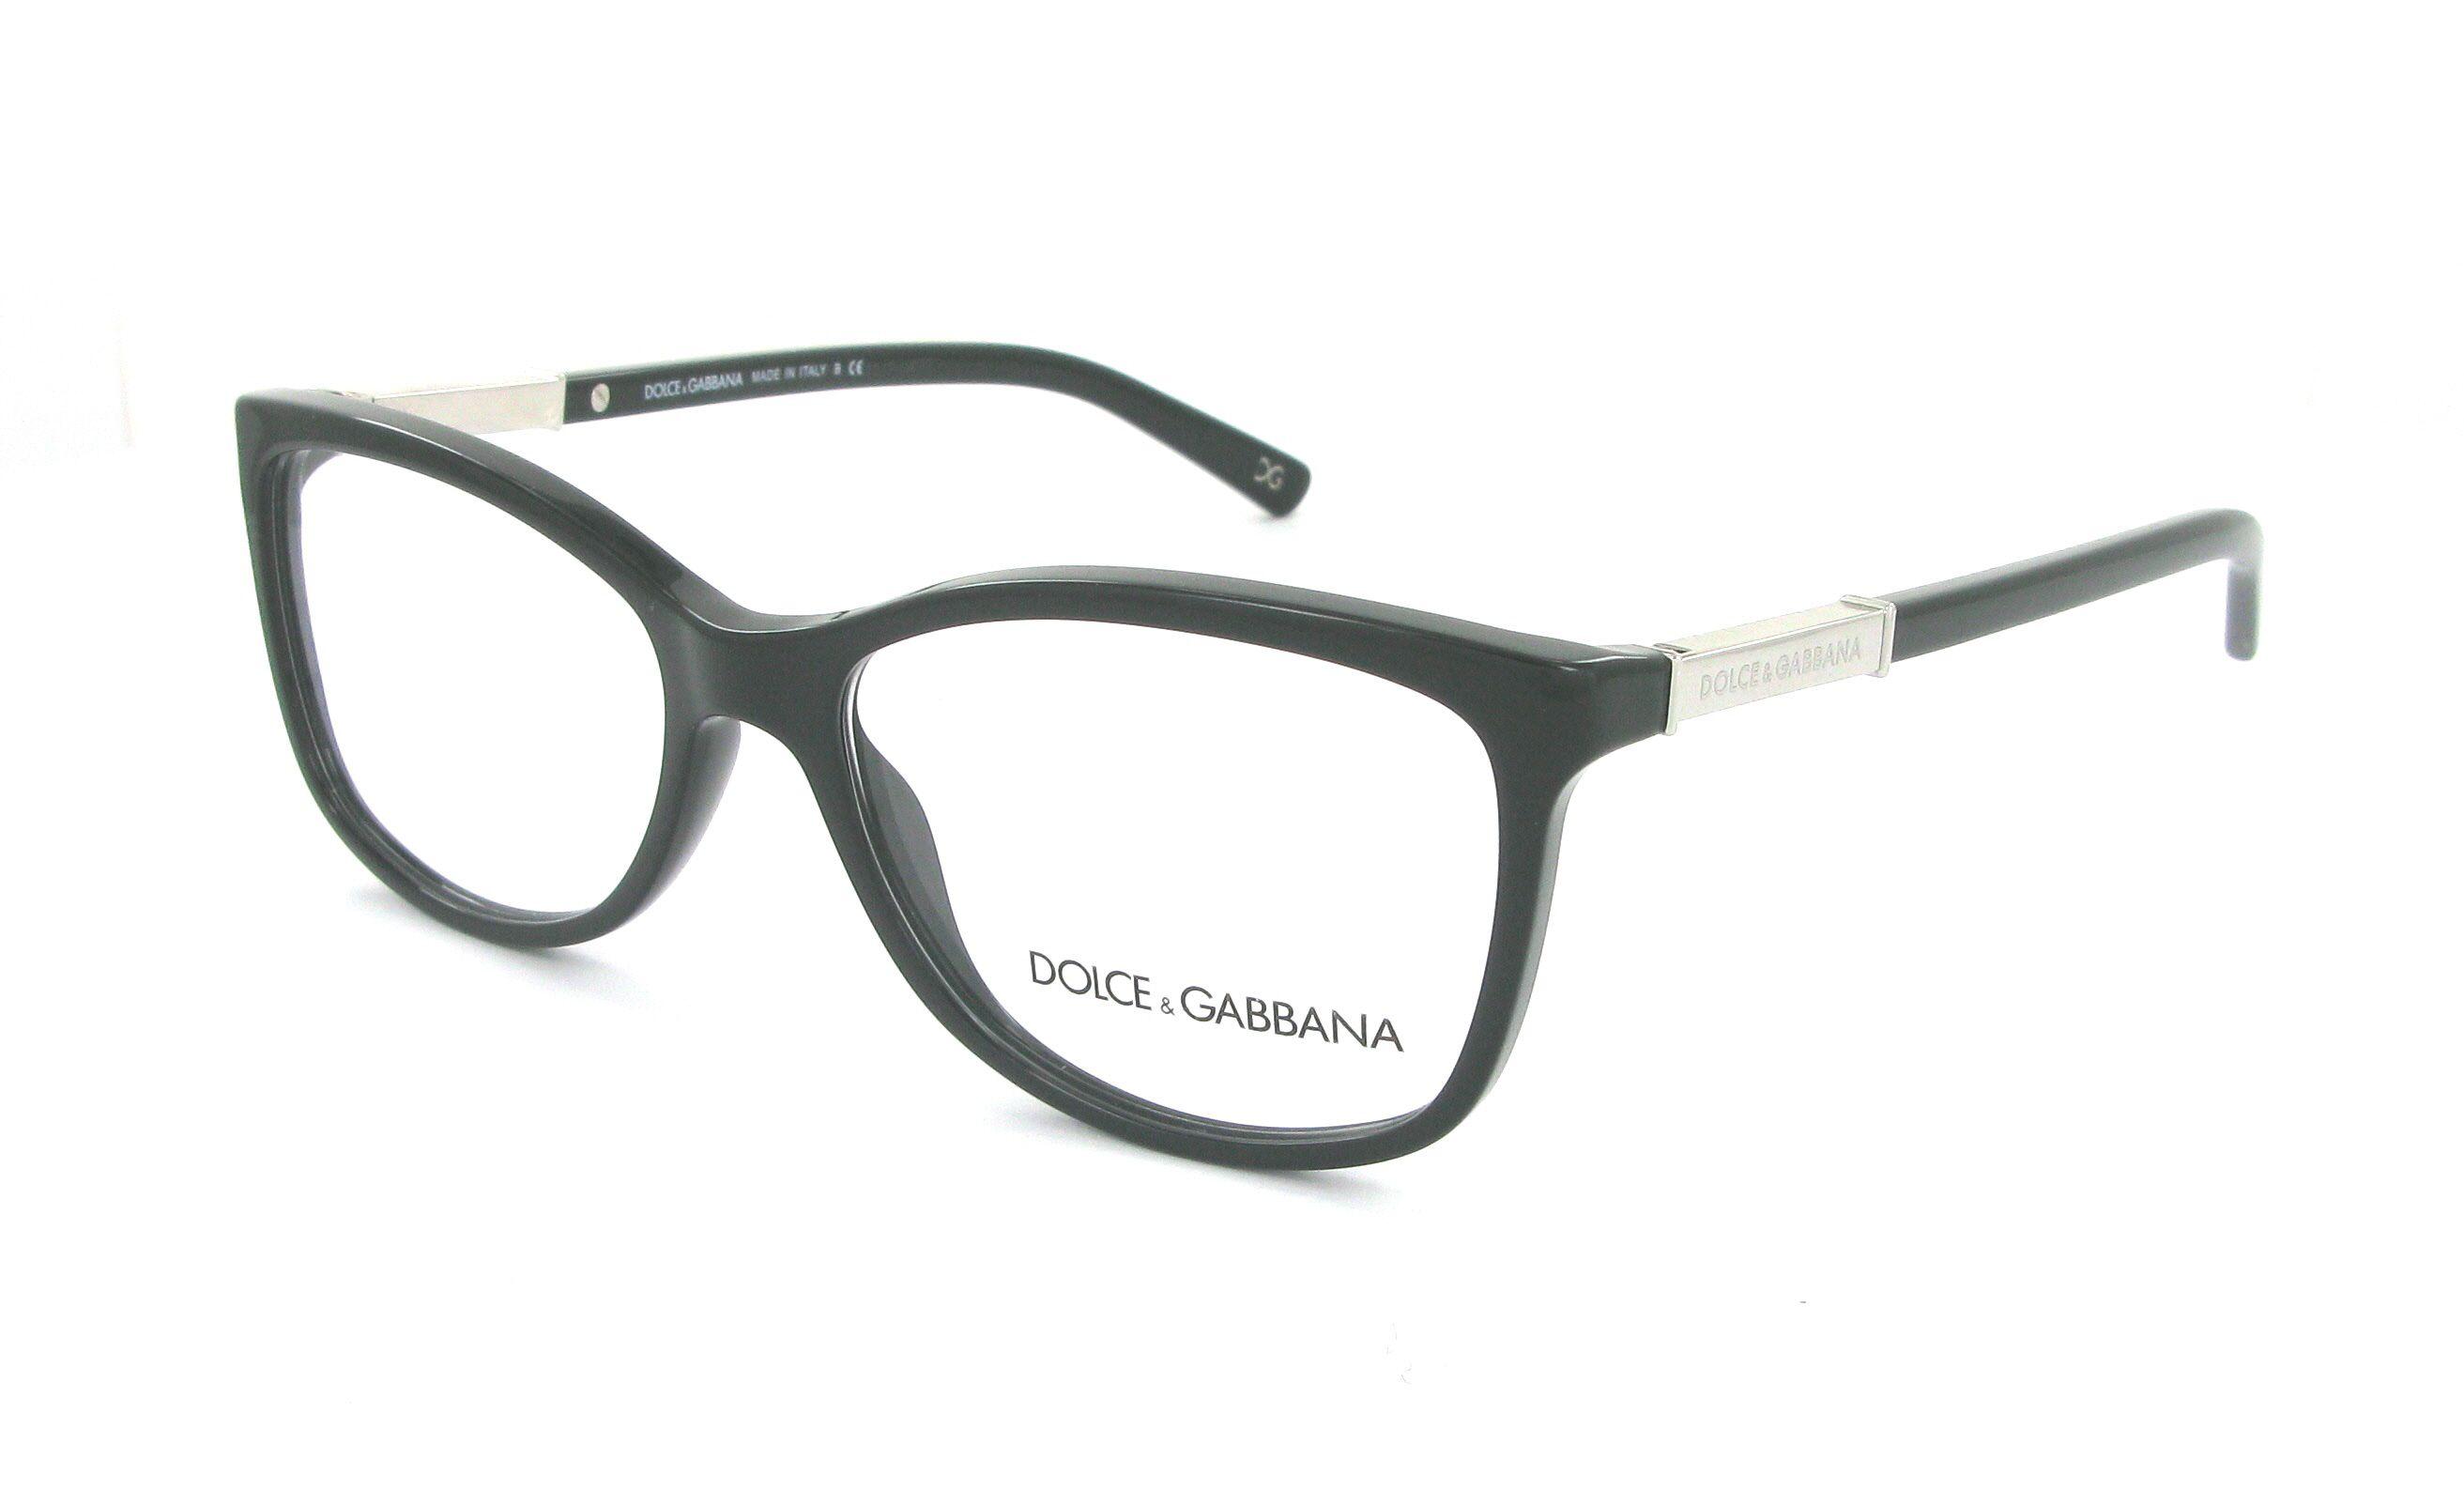 lunettes de vue dolce gabbana dg 3107 501 54 15 femme noir rectangle cercl e tendance 54x15. Black Bedroom Furniture Sets. Home Design Ideas